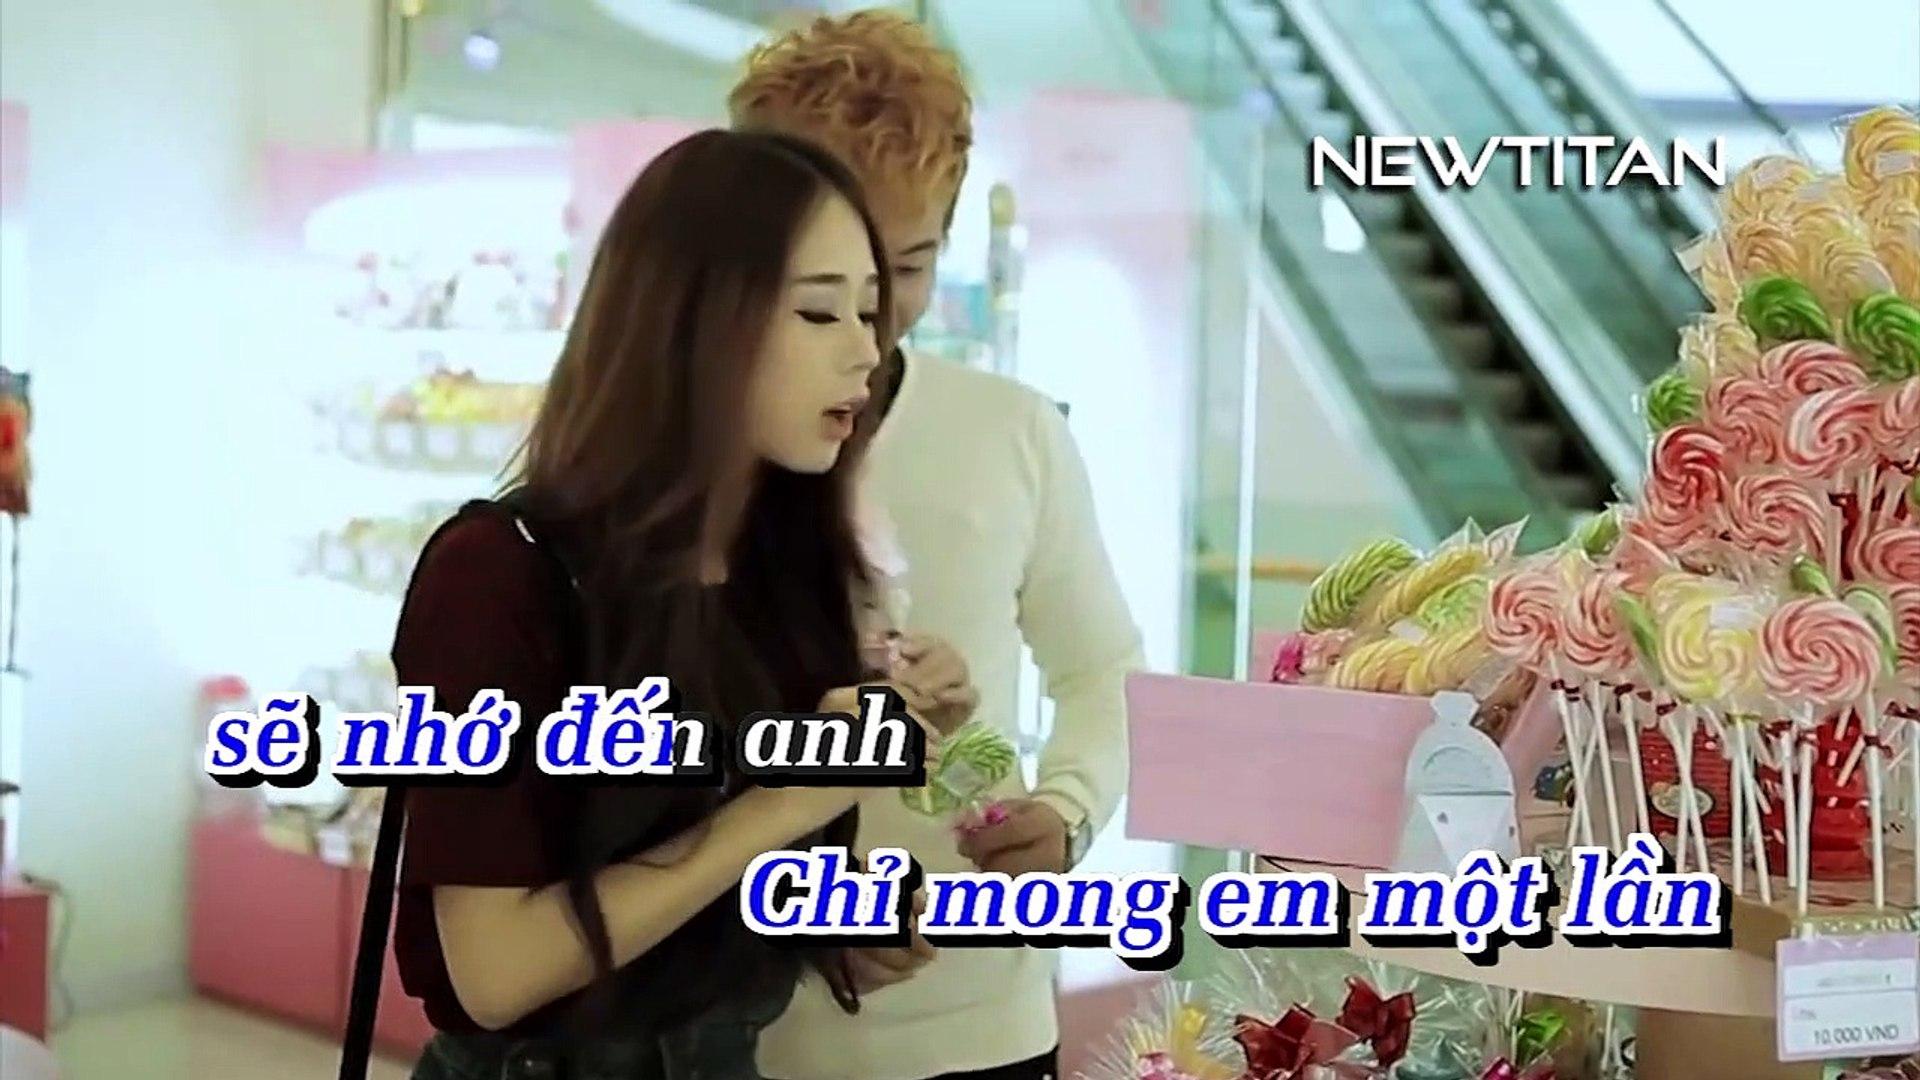 [Karaoke] Anh Phải Làm Sao - Khánh Phong [Beat]